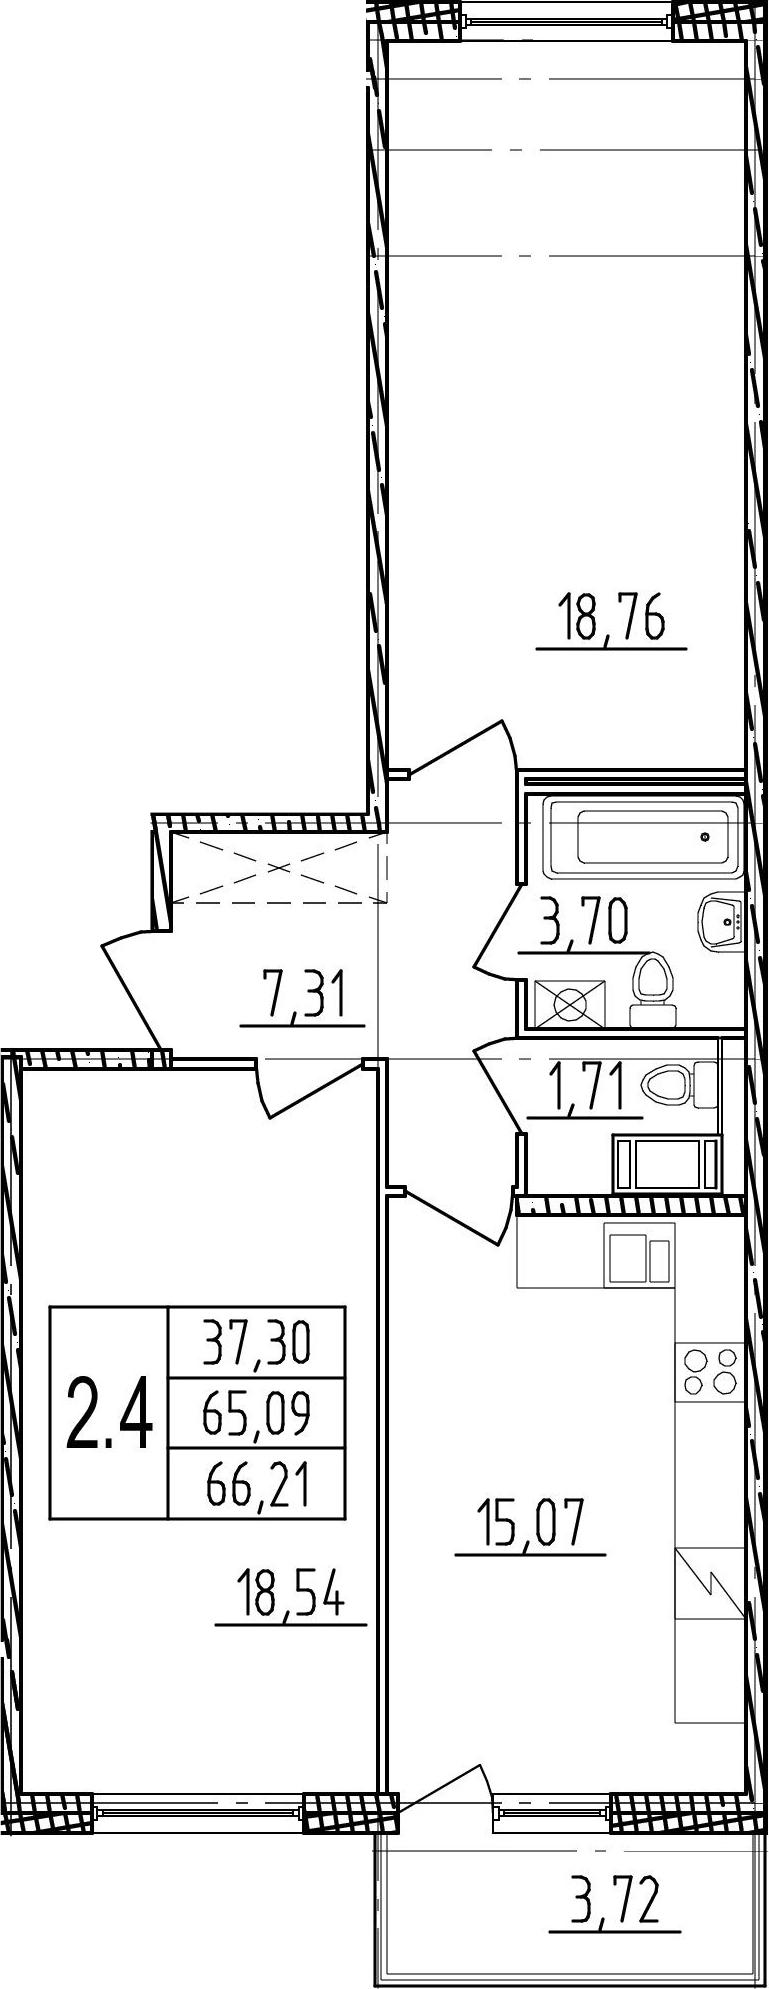 2-комнатная, 65.09 м²– 2